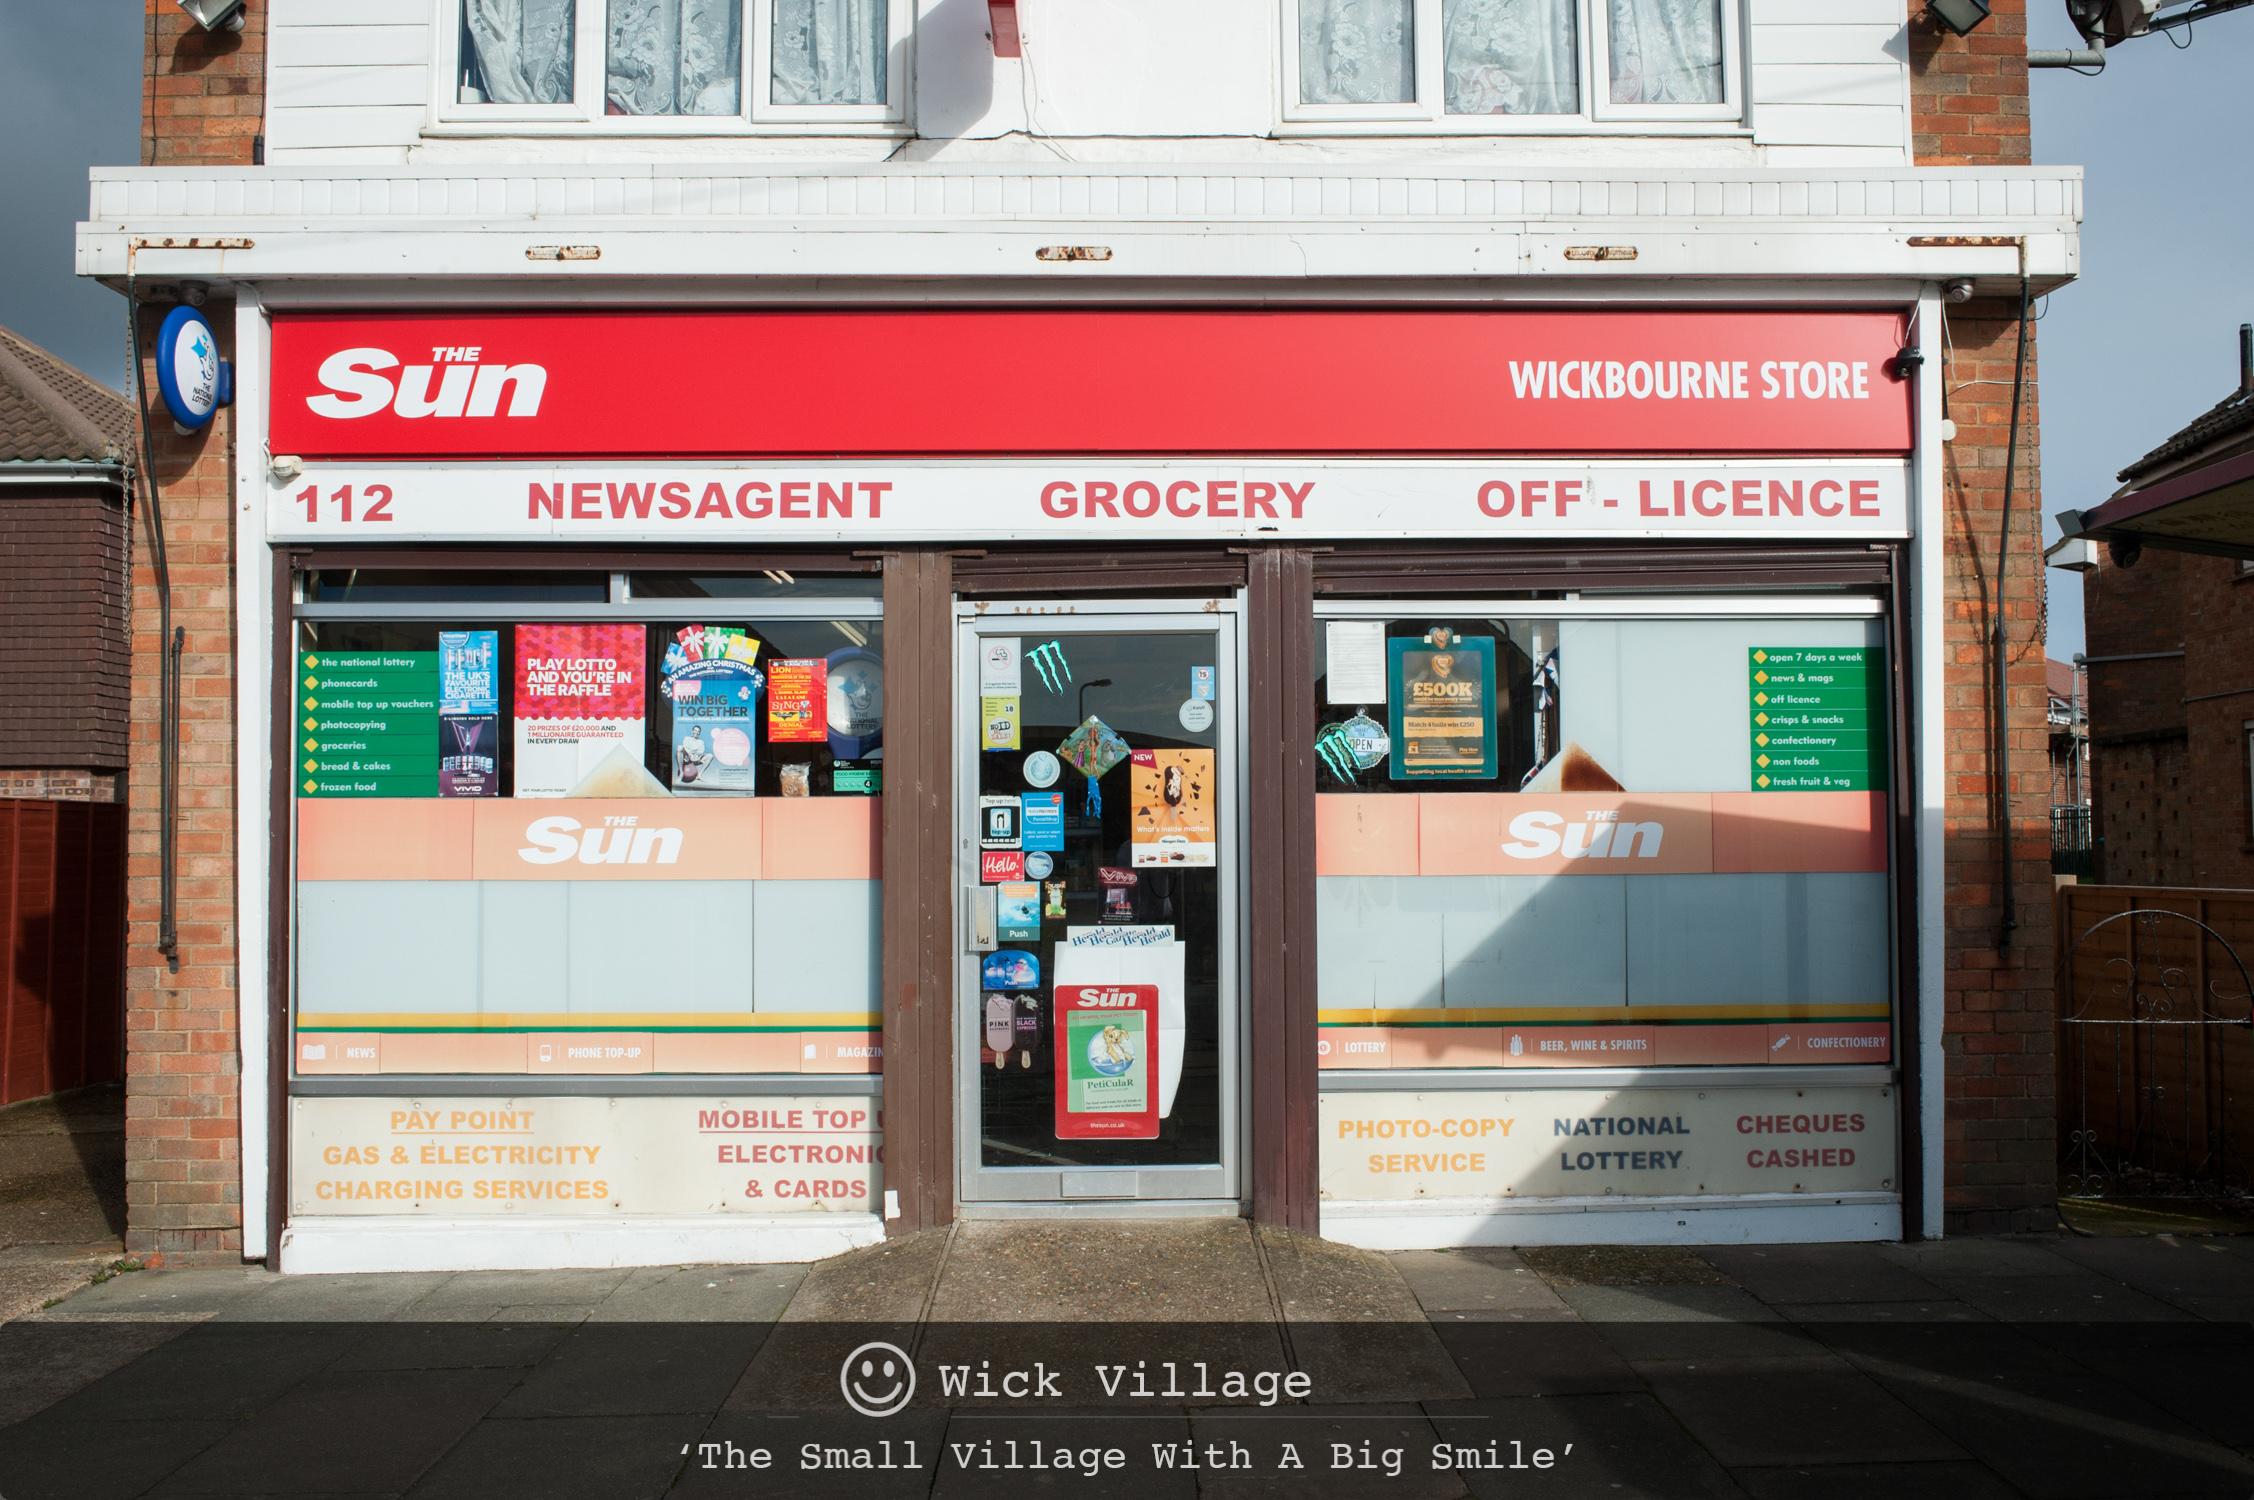 Wickbourne Store, Wick Village, Littlehampton.